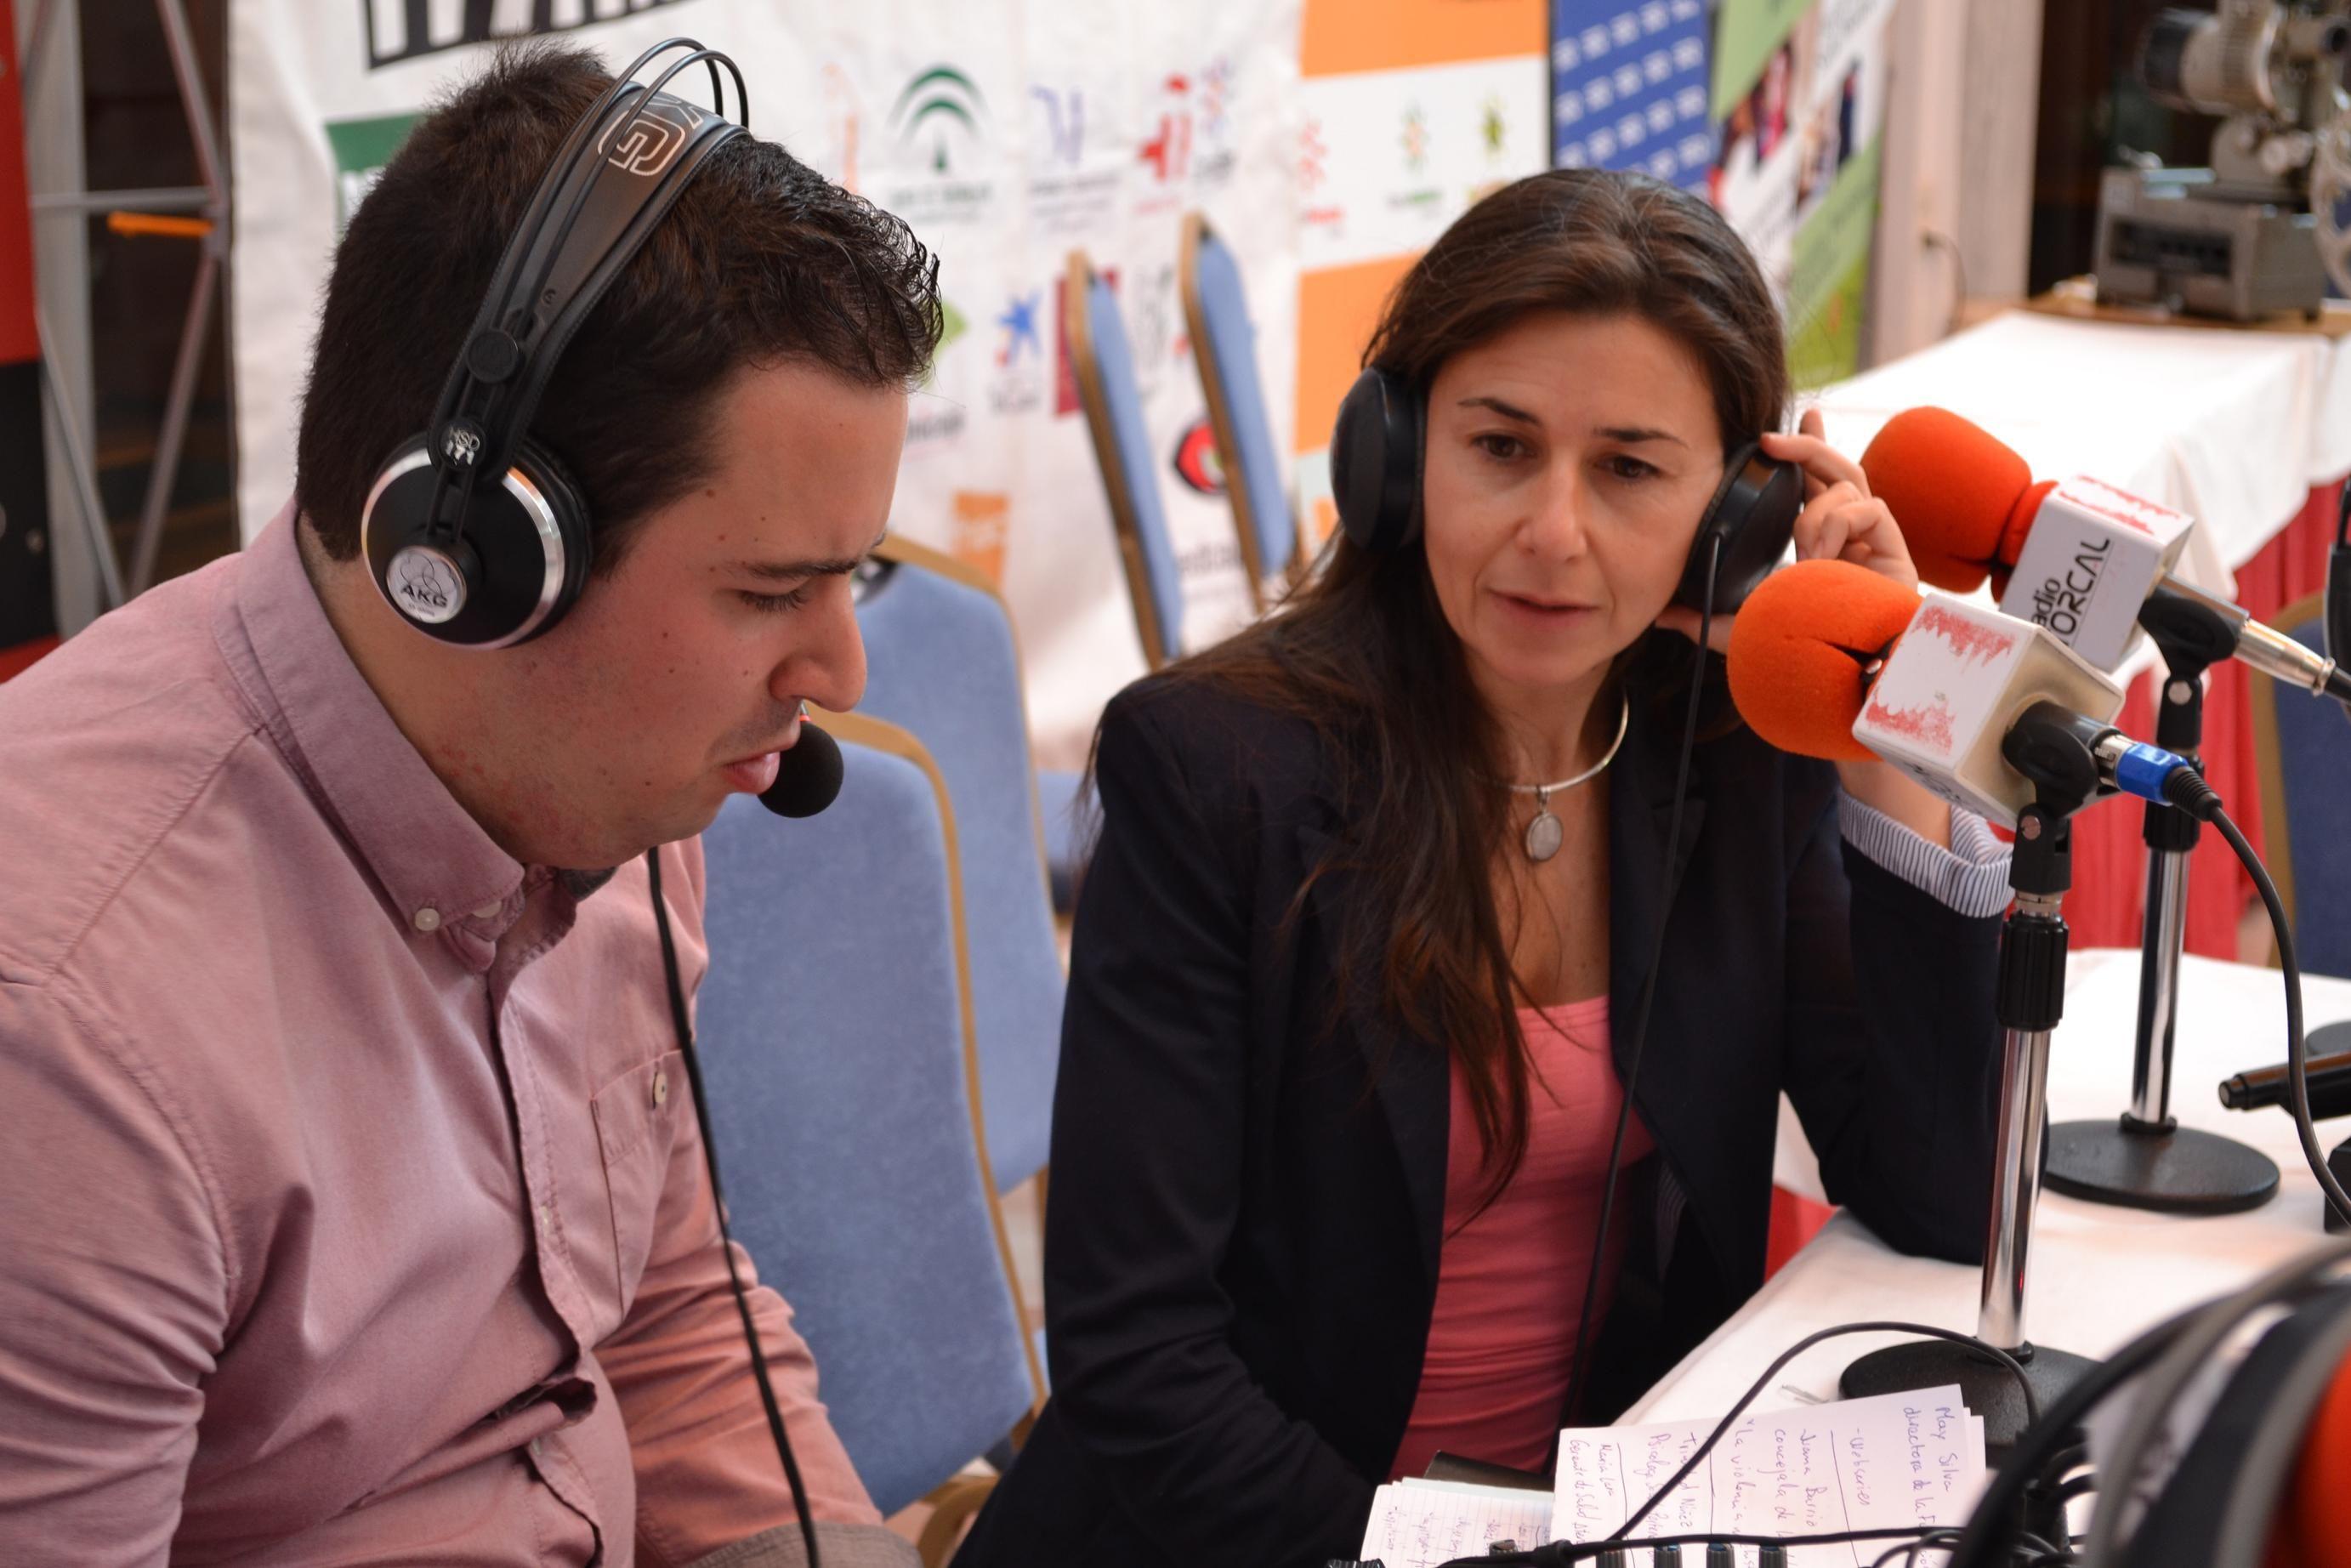 María Lara enlos micrófonos de Radio Torcal... en breve os dejamos la entrevista